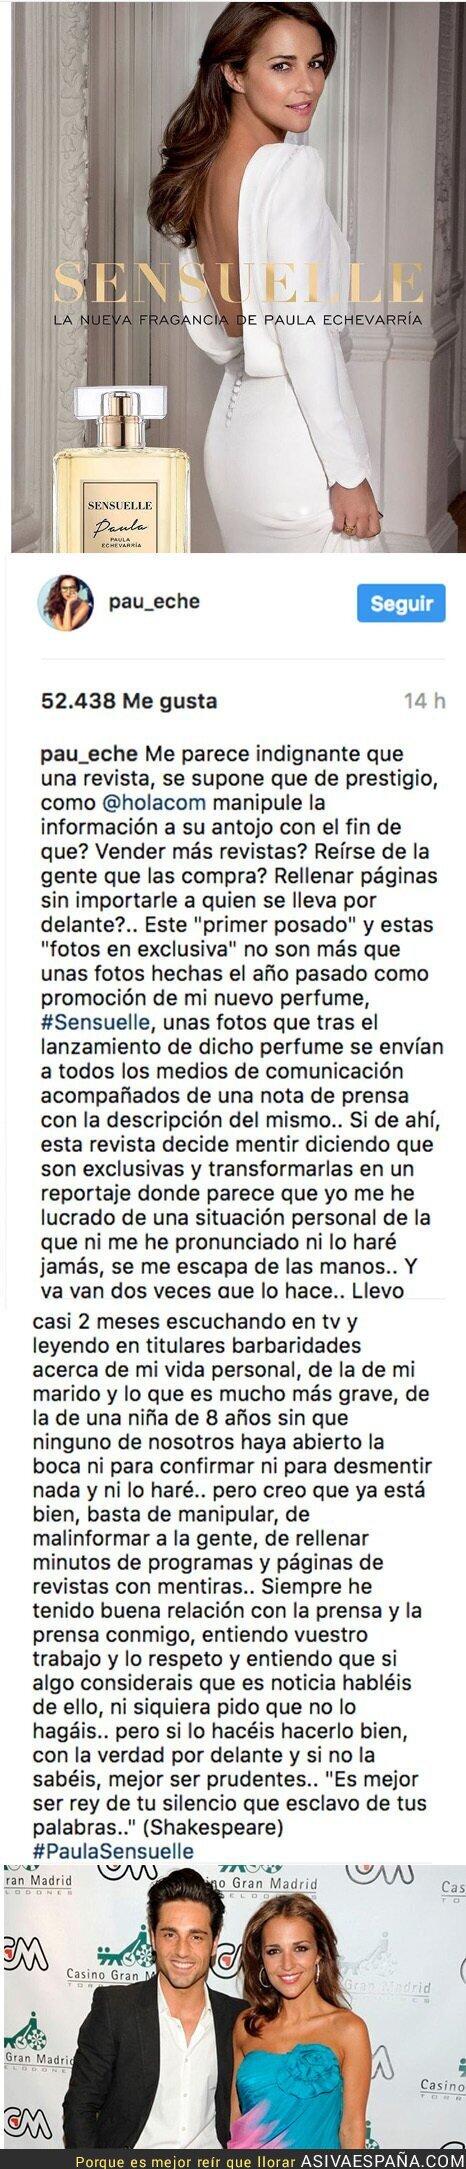 67807 - Rajada monumental de Paula Echevarría contra la prensa rosa por hablar mentiras de su familia